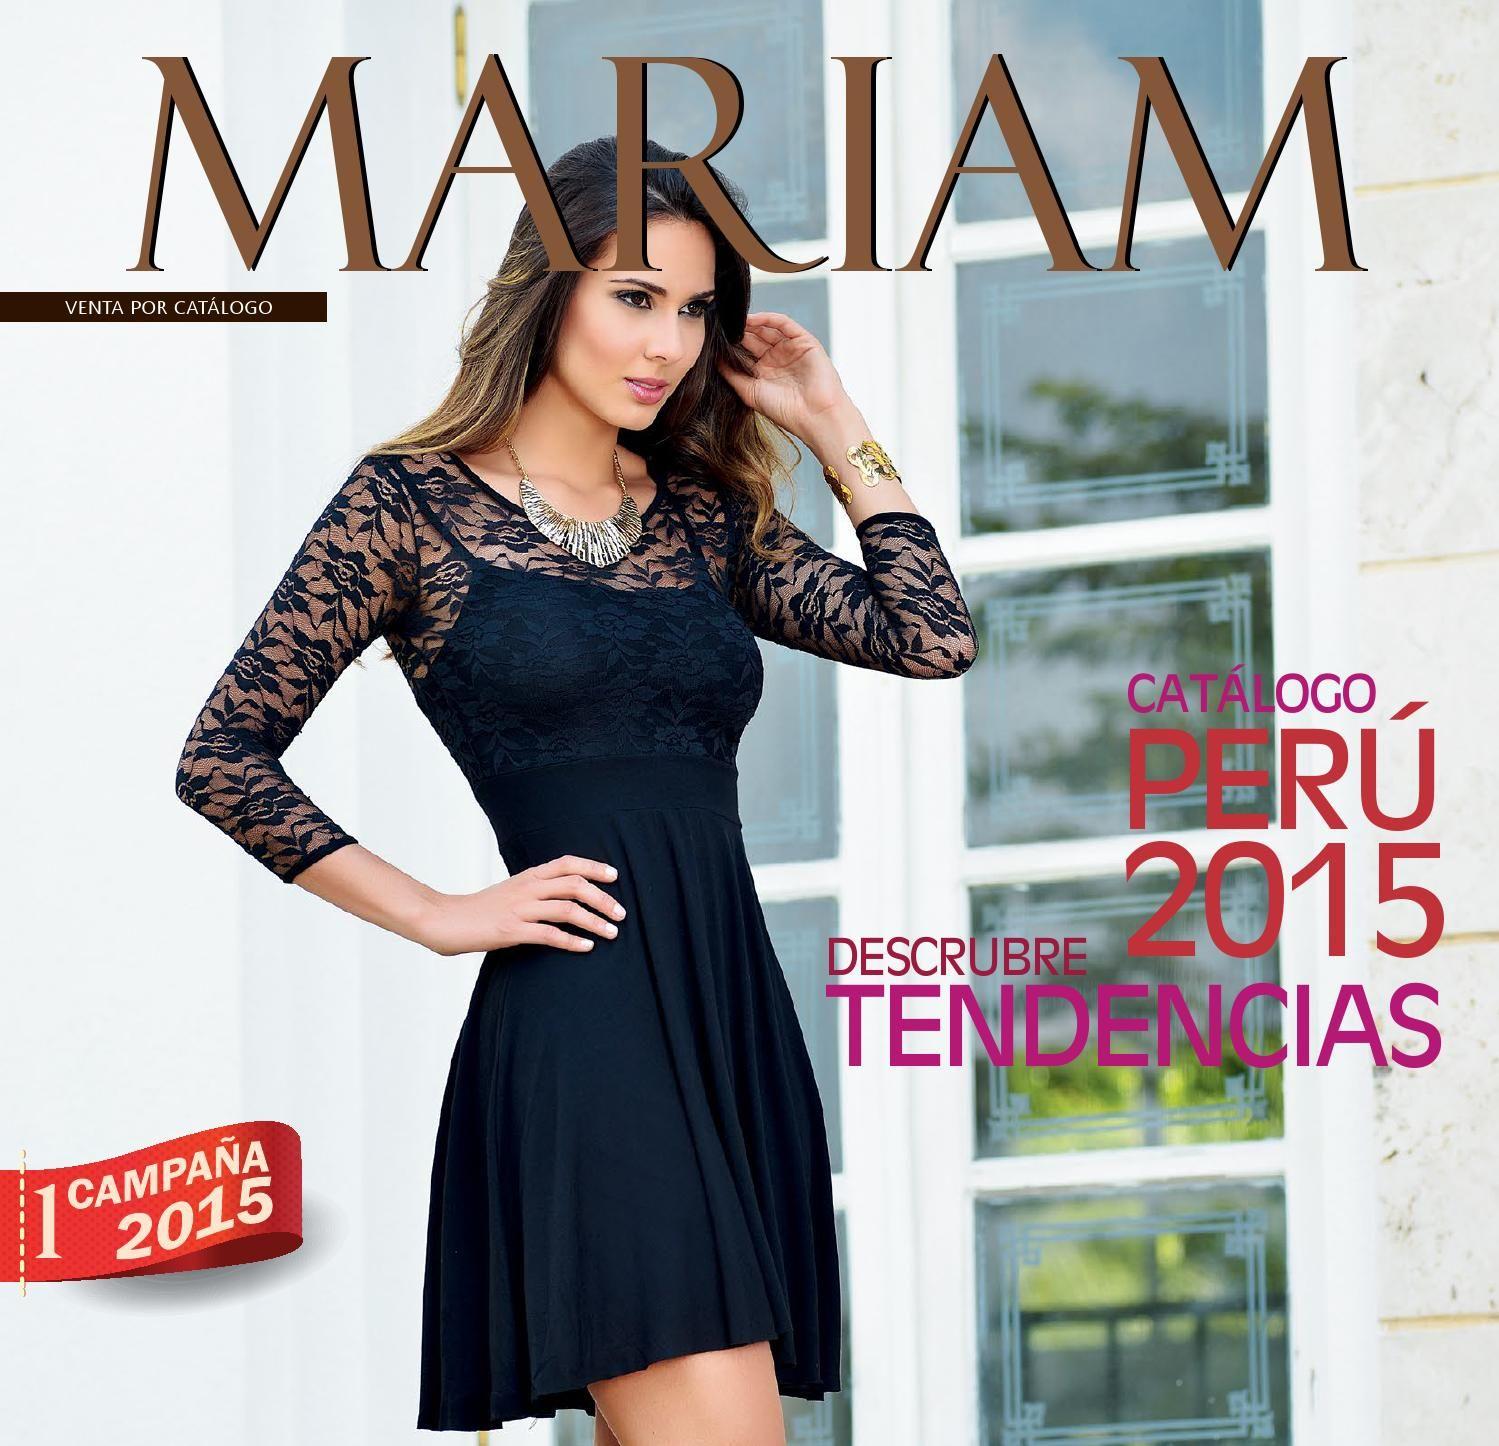 Catalogo Mariam Campana 01 15 Vestidos Negros Ropa Exclusiva Catalogos De Ropa